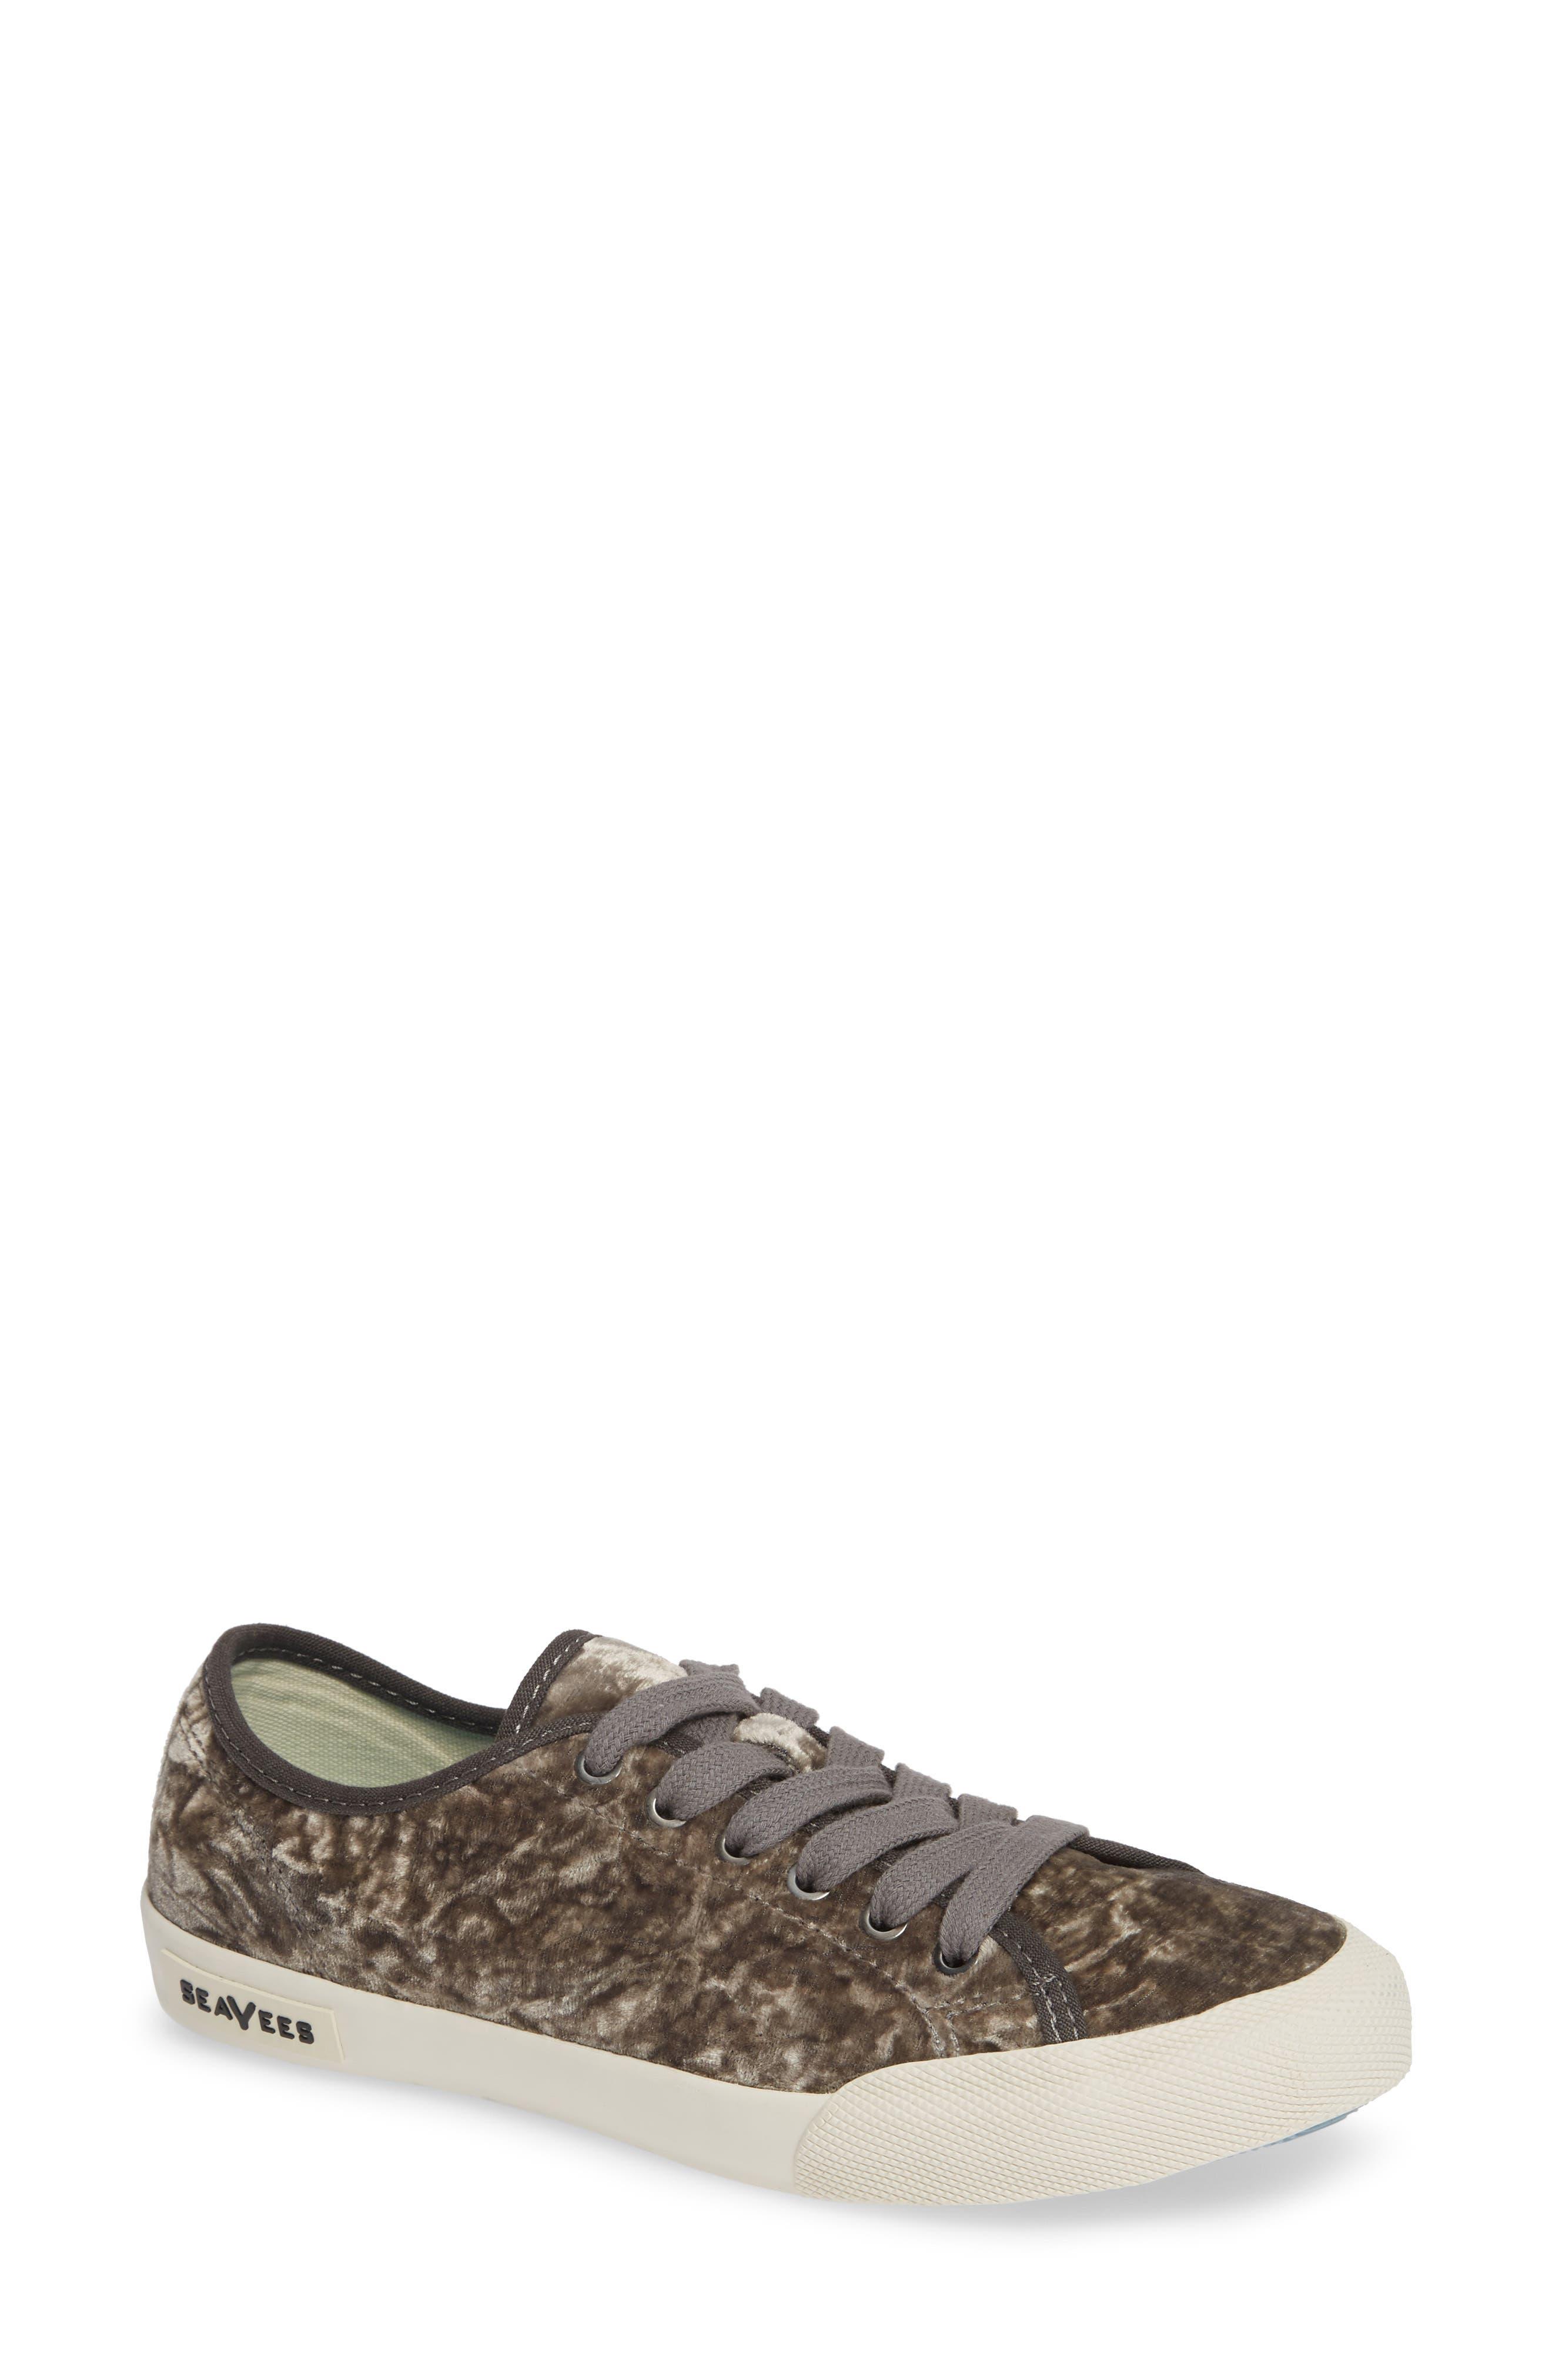 SEAVEES Monterey Crush Sneaker in Silver Velvet